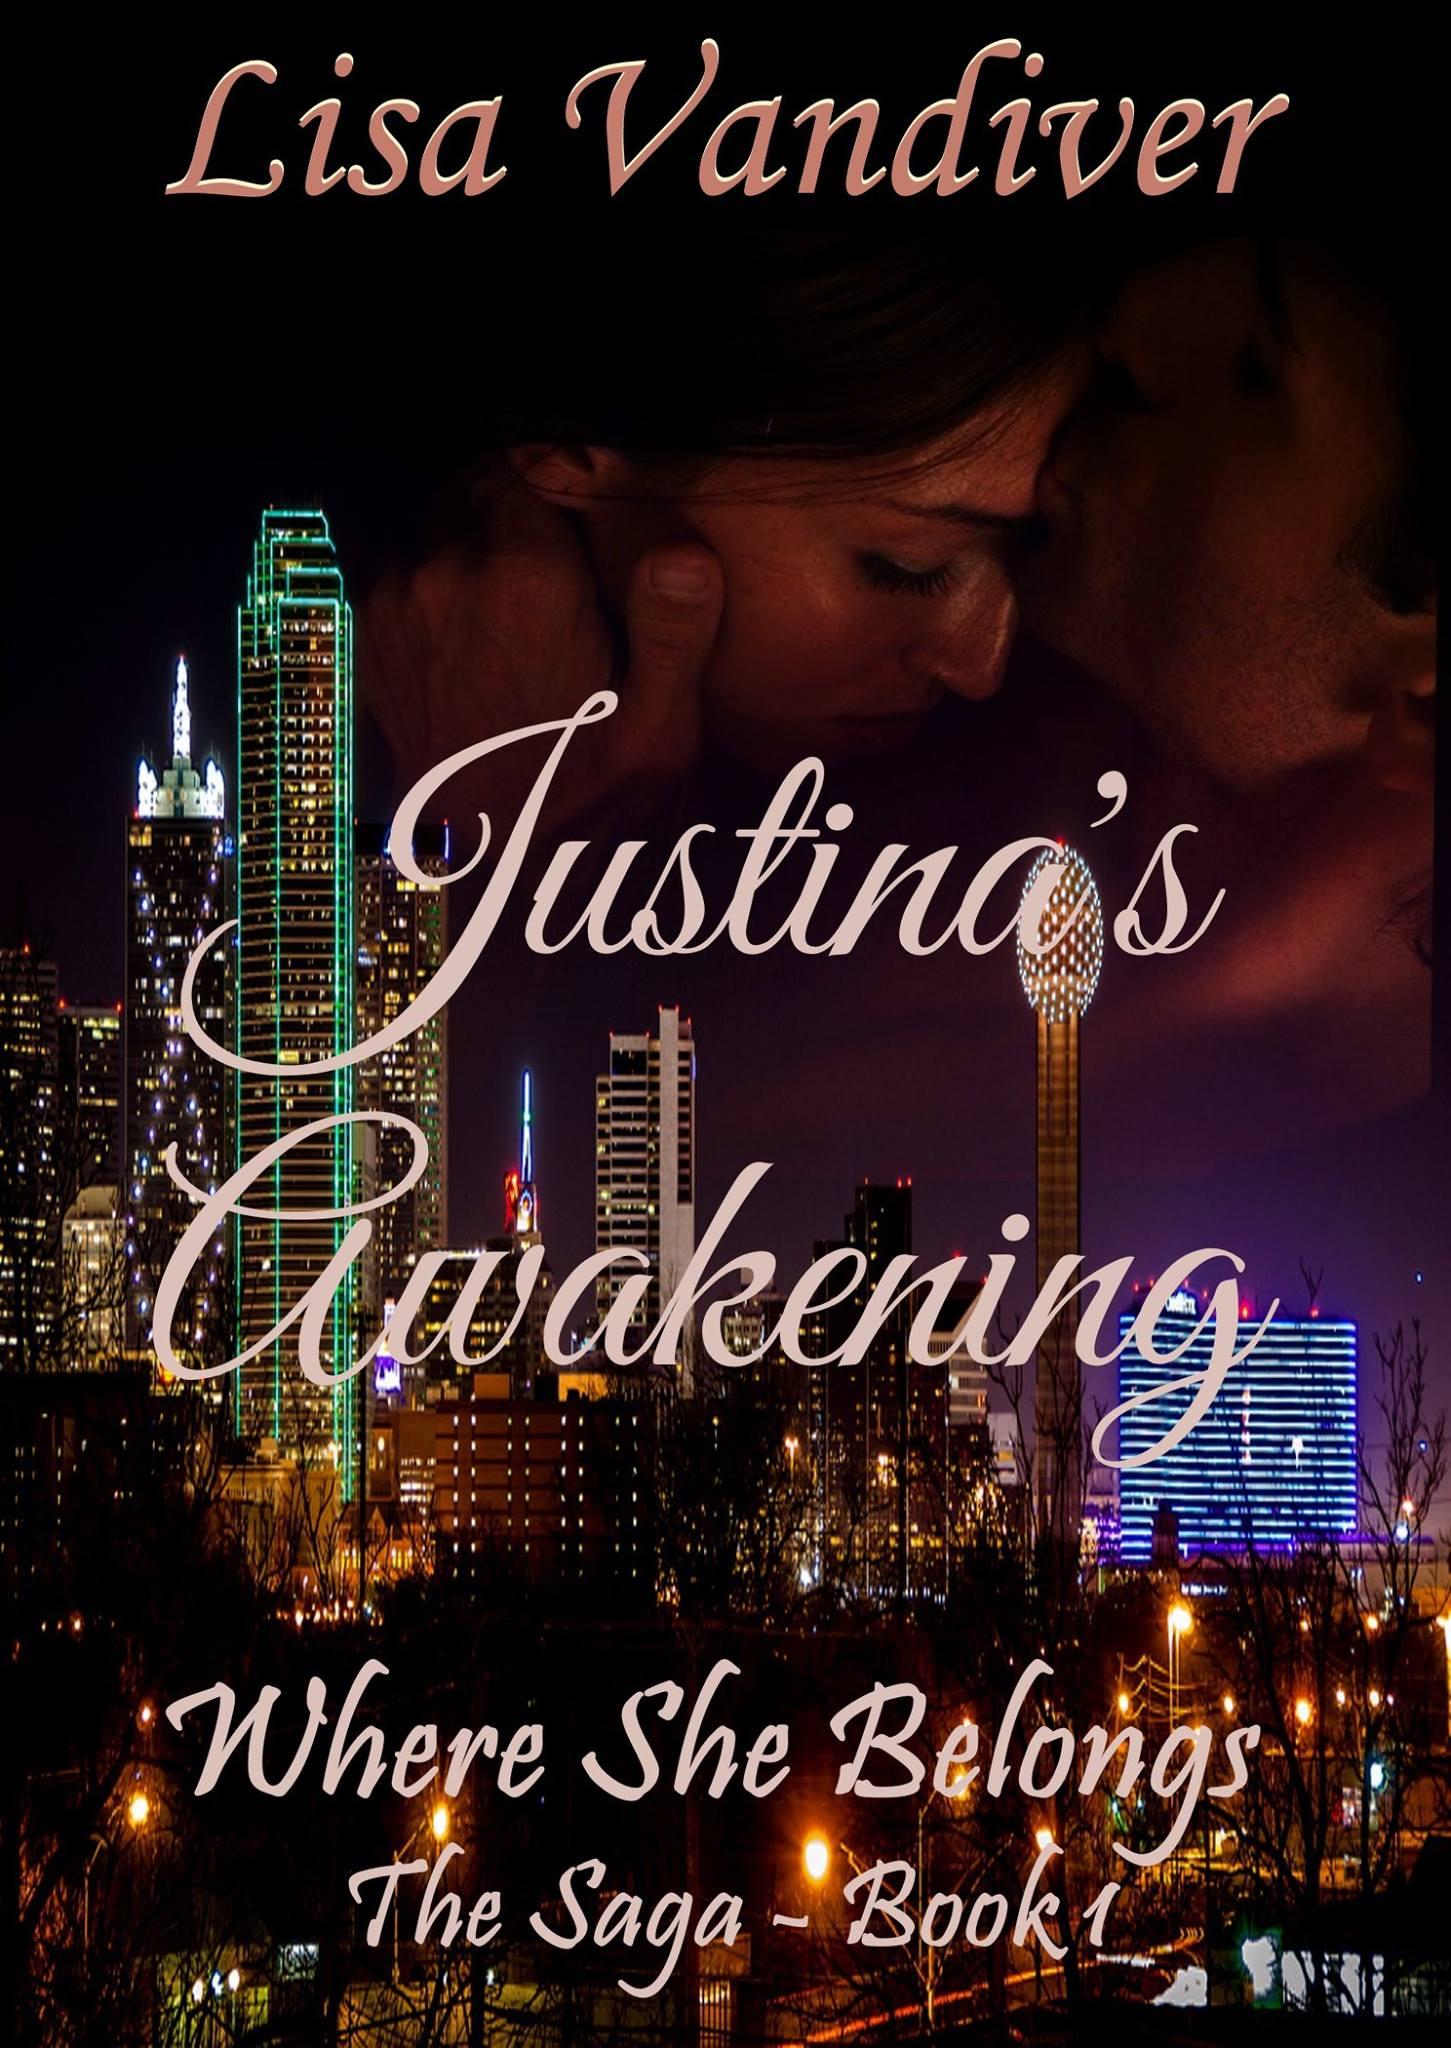 Justinas Awakening: Where She Belongs, The Saga-Book 1